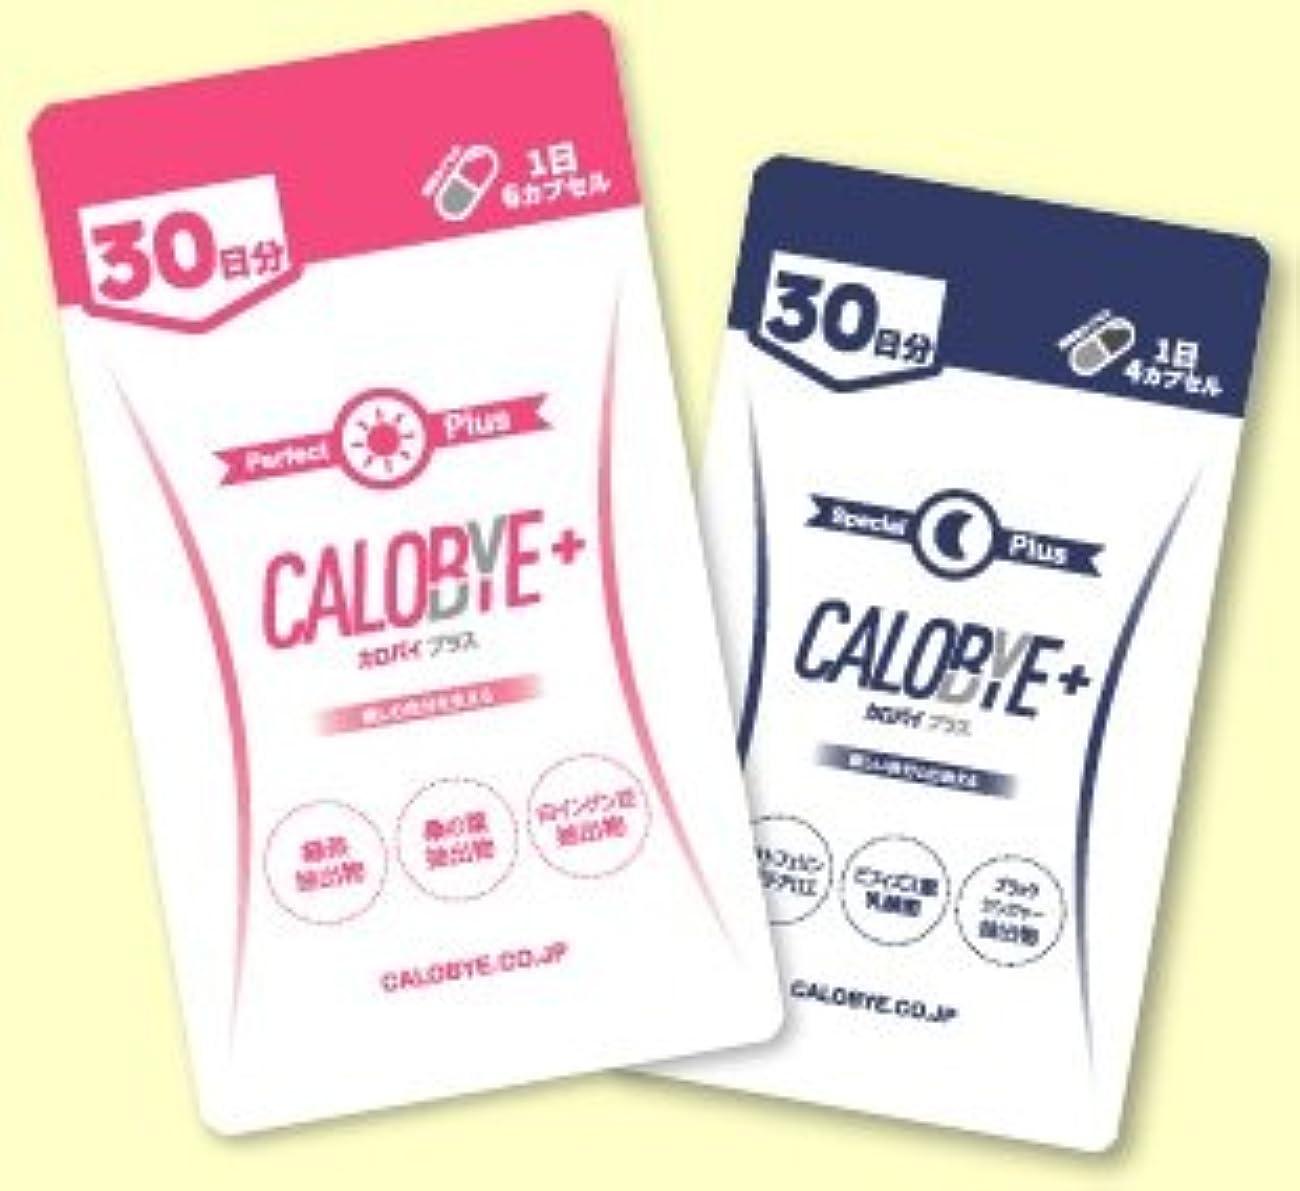 アソシエイト従来の焦げCALOBYE+ (カロバイプラス) CALOBYE SPECIAL+ (カロバイスペシャルプラス) 昼夜セット